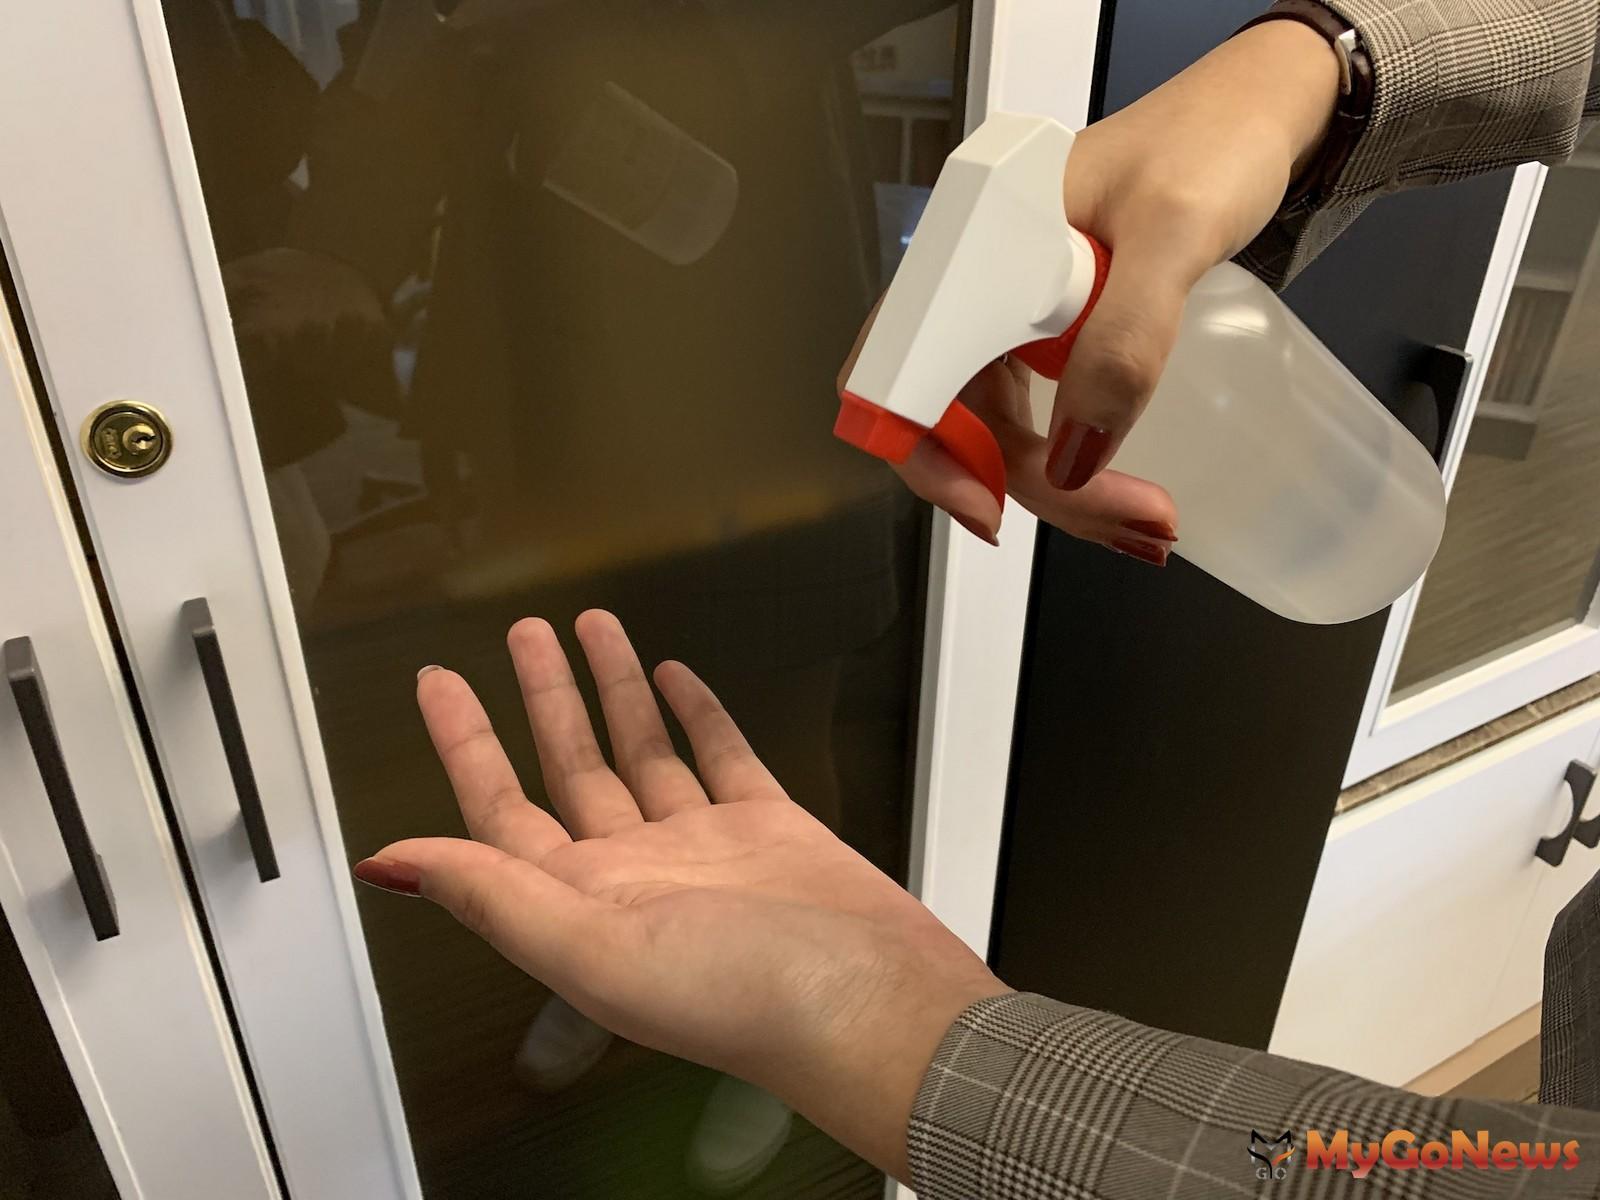 為了避免病毒與落塵進入家中,玄關的落塵區規劃變得更加重要。(圖/21世紀不動產) MyGoNews房地產新聞 安全家居